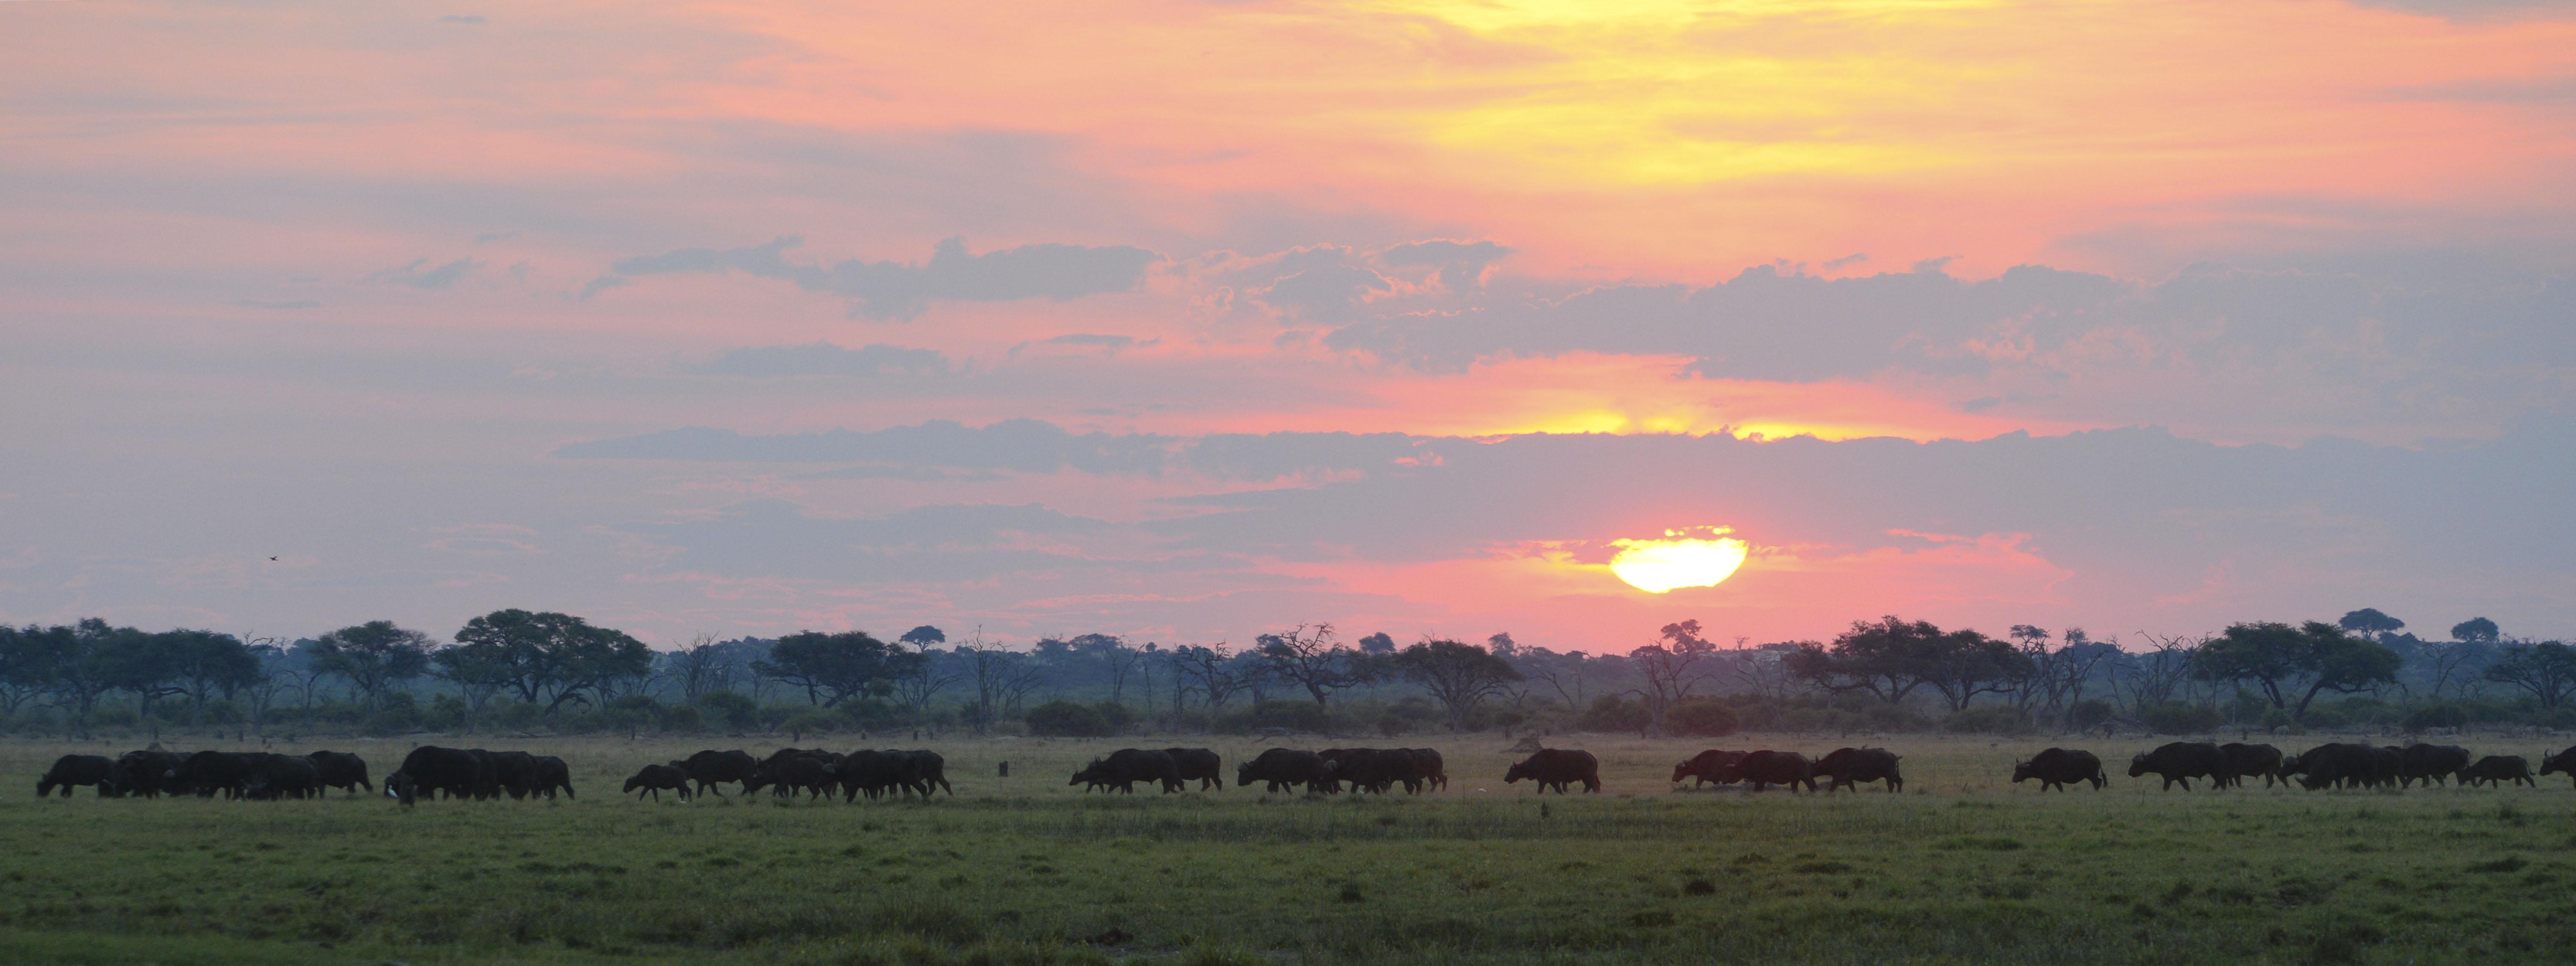 Sundown and Buffalos ©Johannes Ratermann